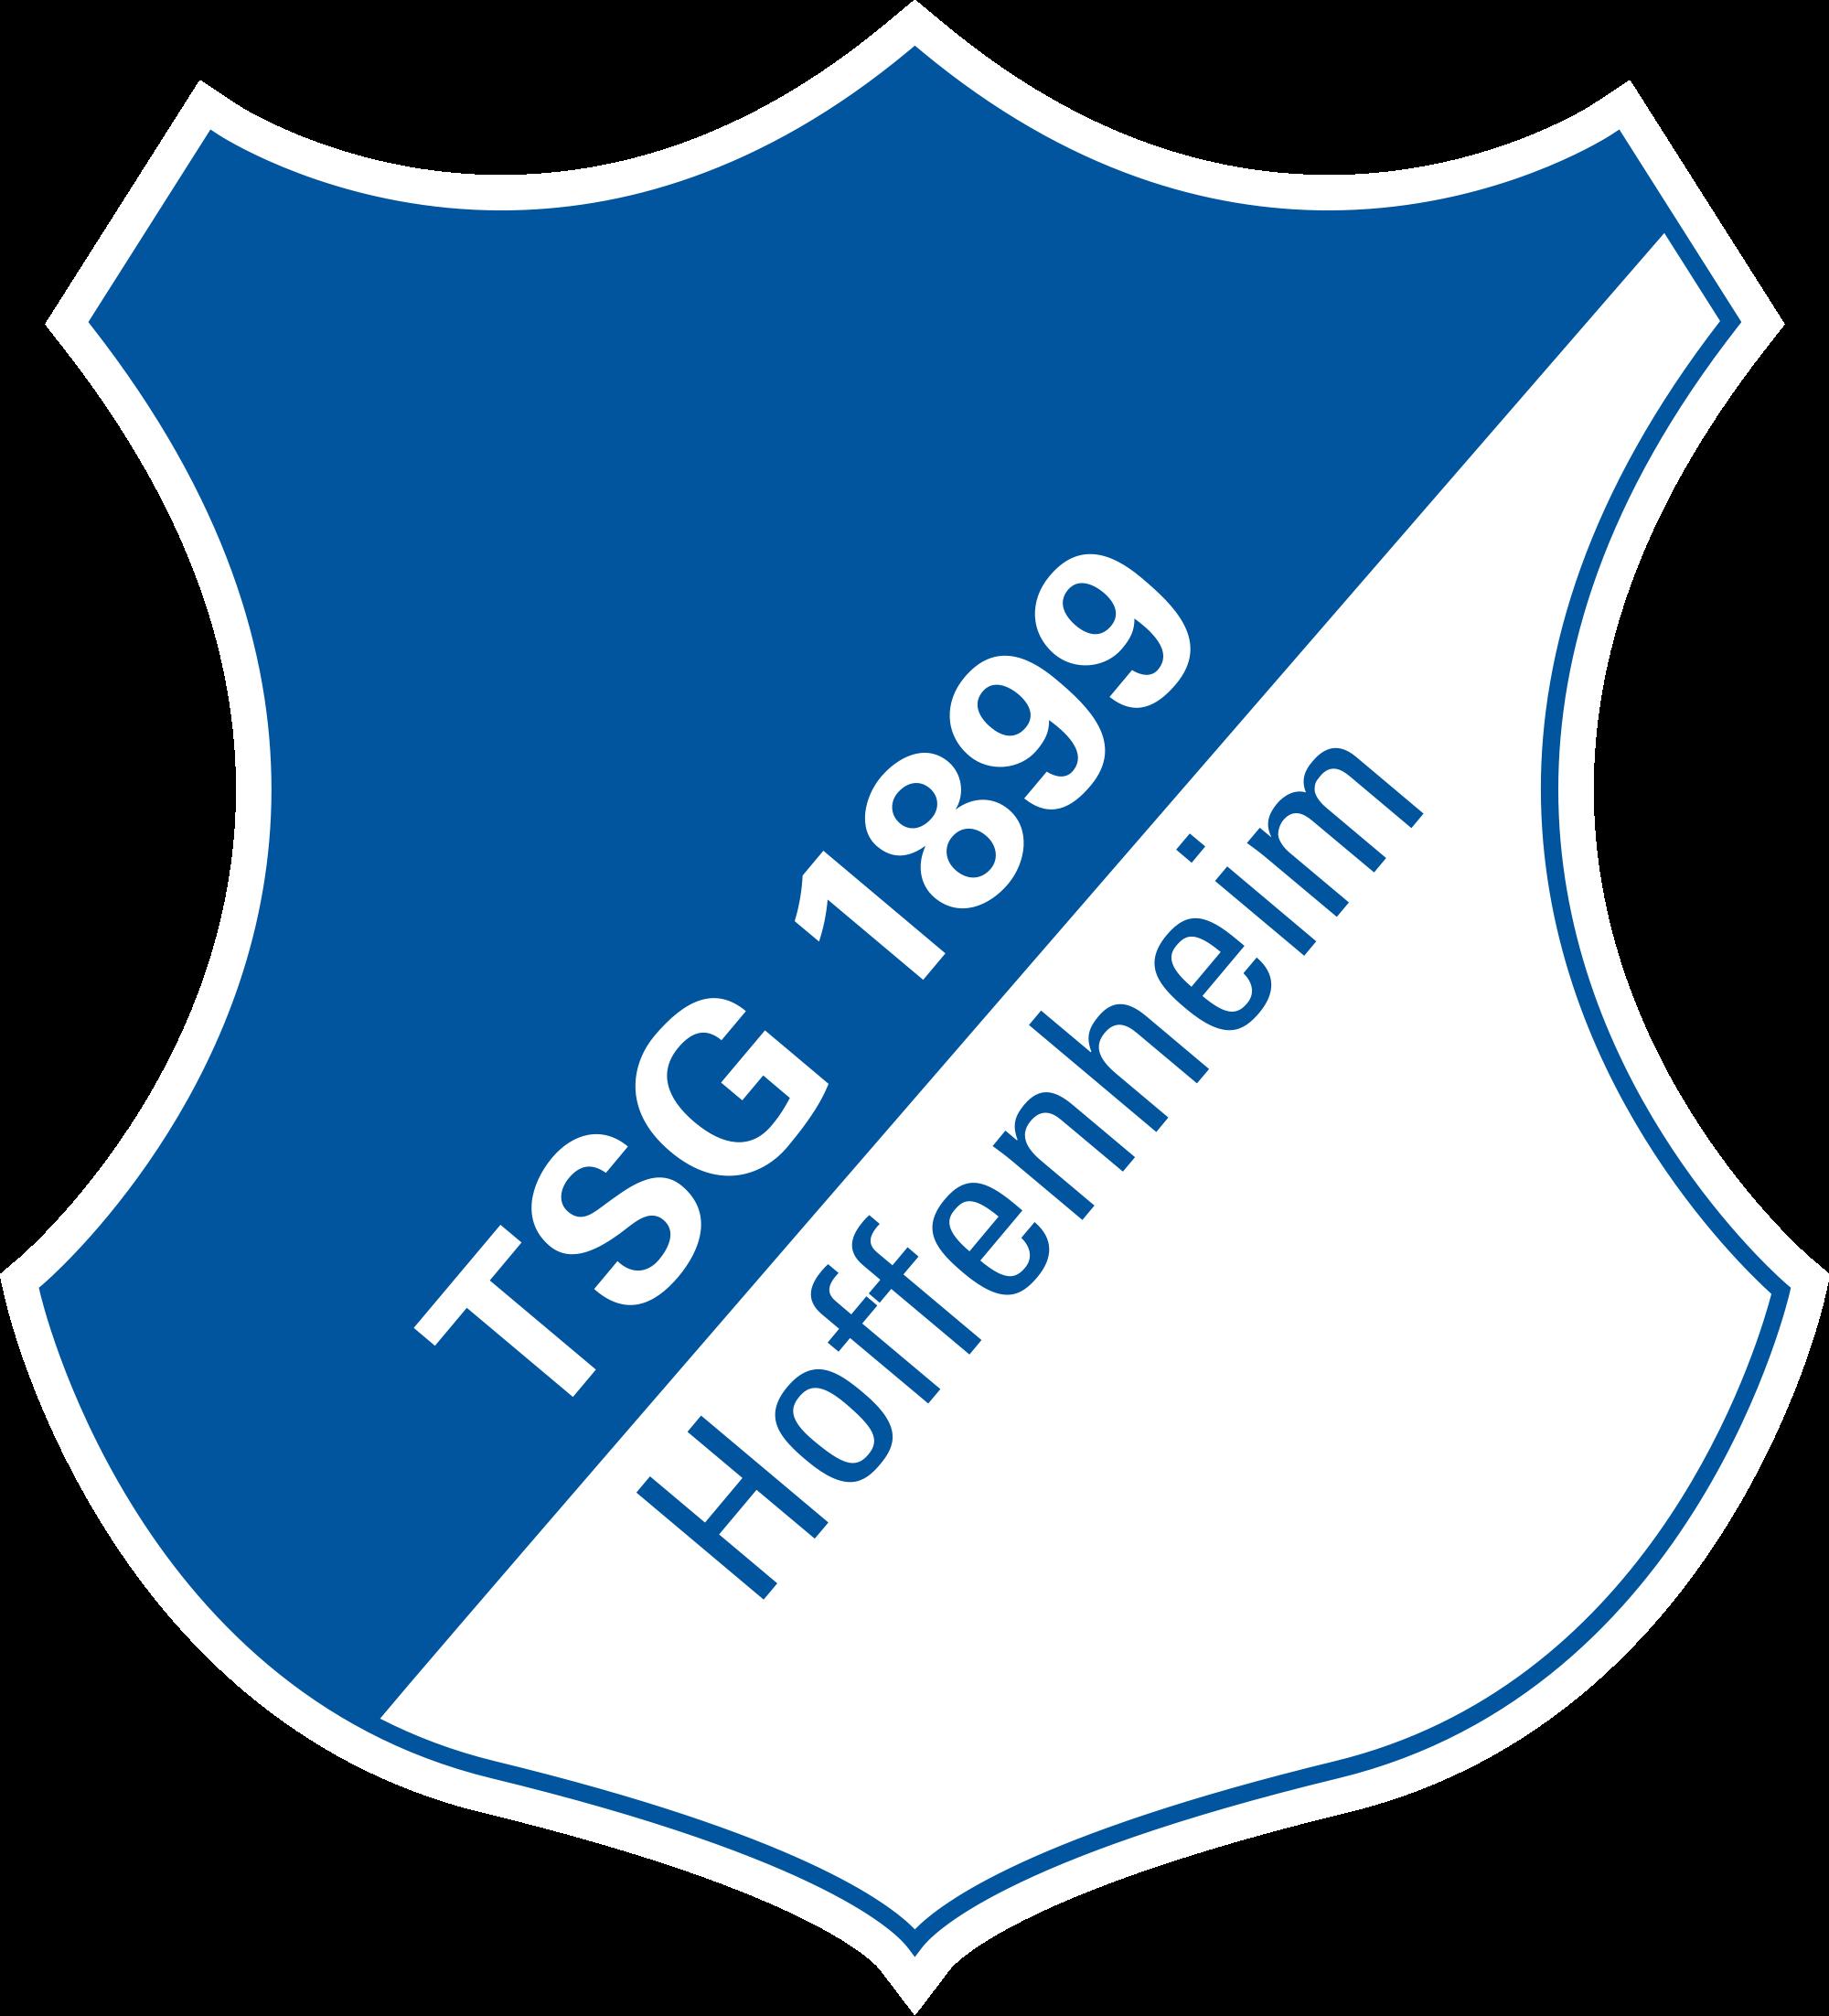 Hoffenheim Camiseta | Camiseta Hoffenheim replica 2021 2022